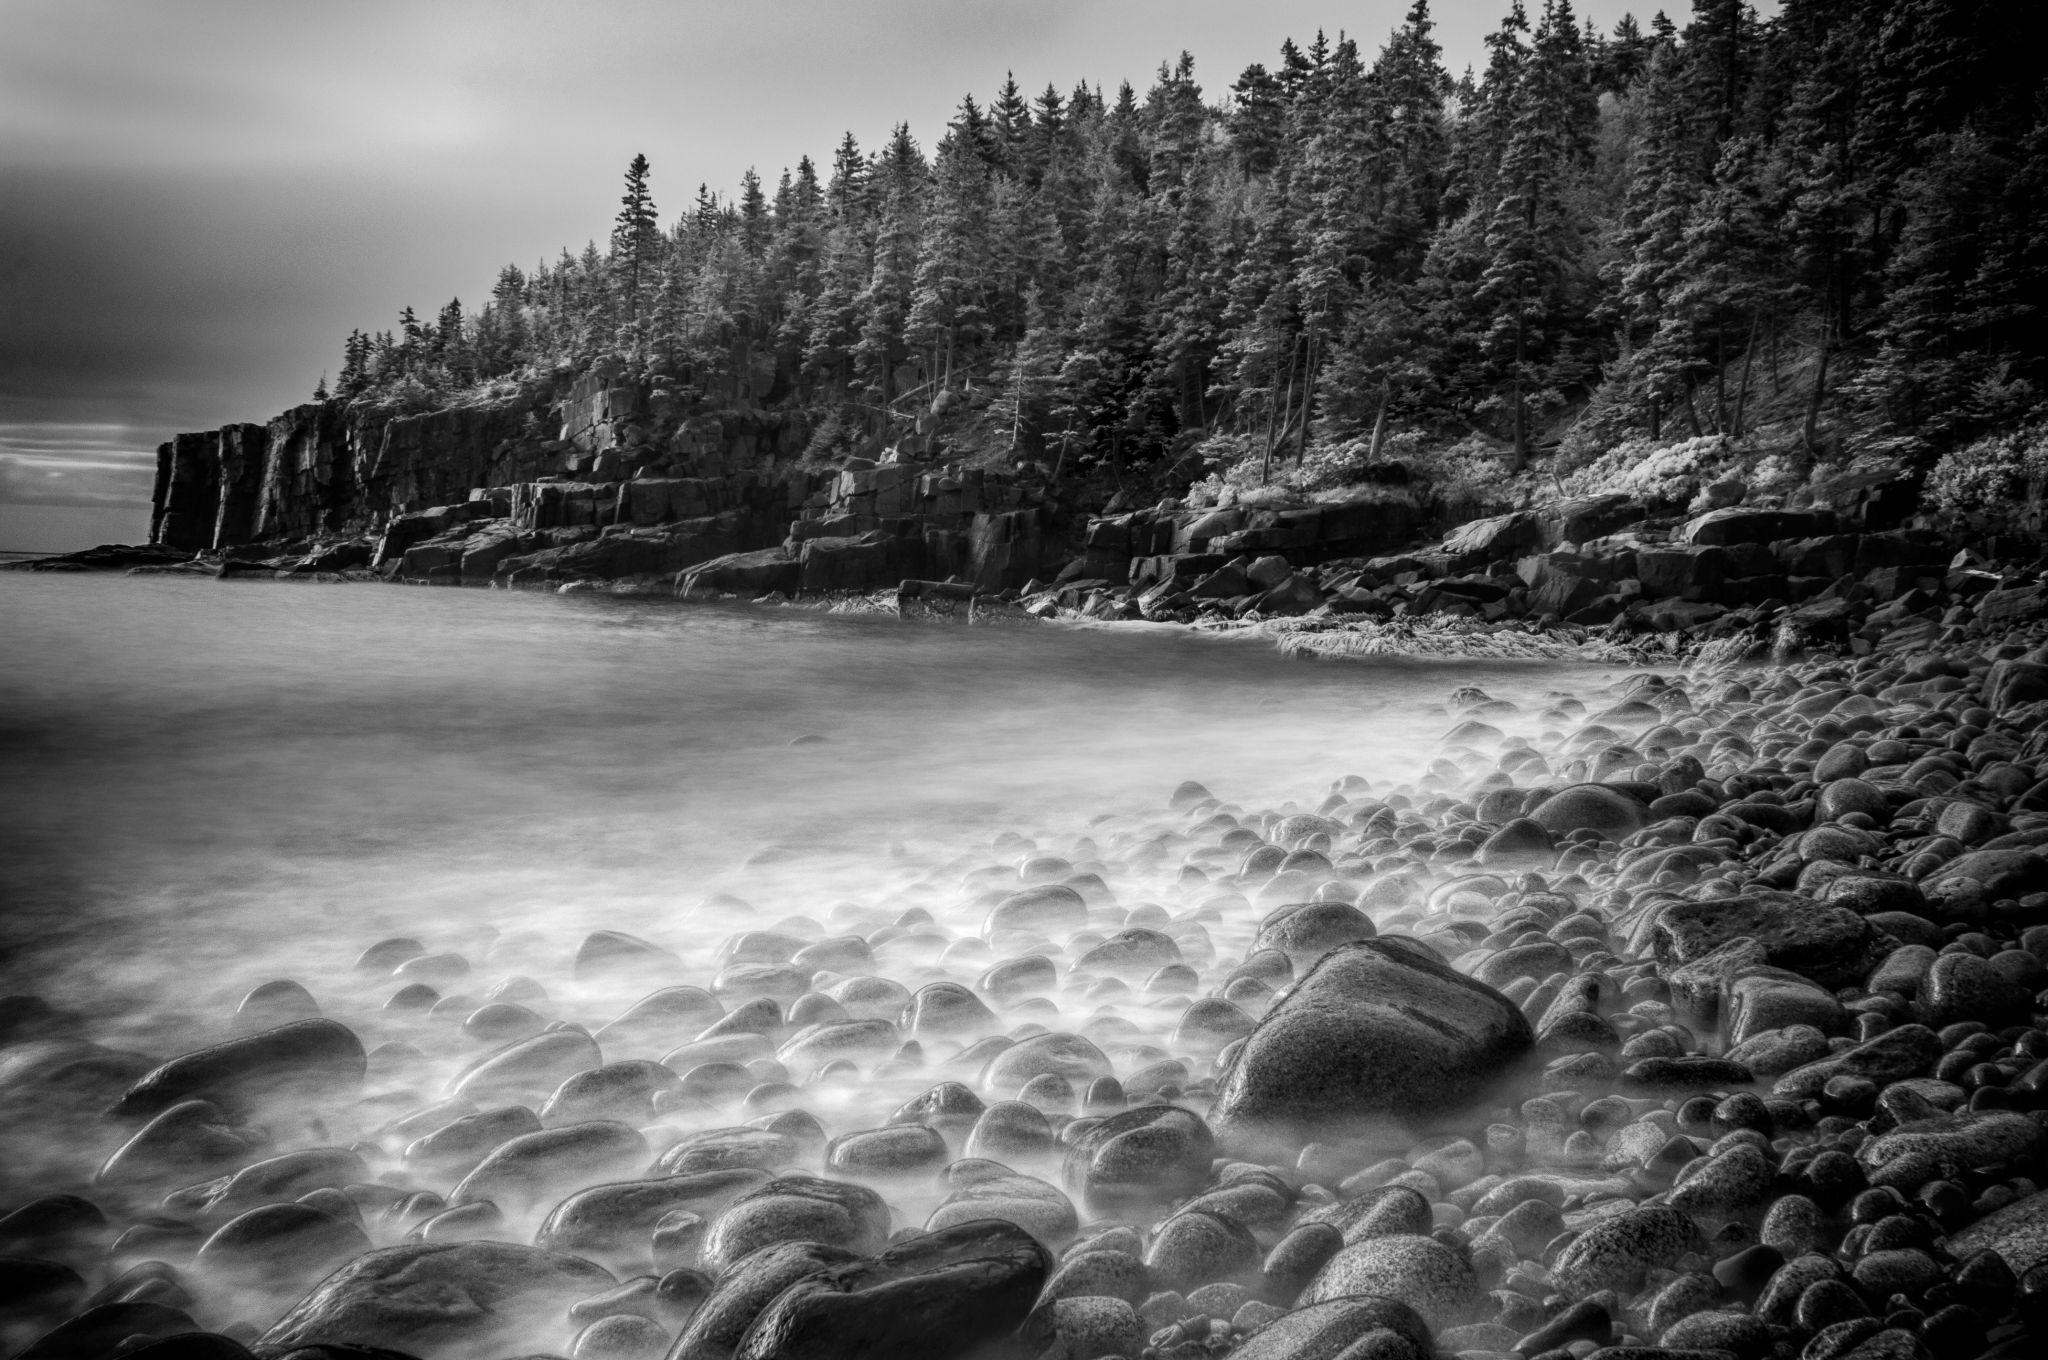 Boulder Beach - Acadia National Park, USA